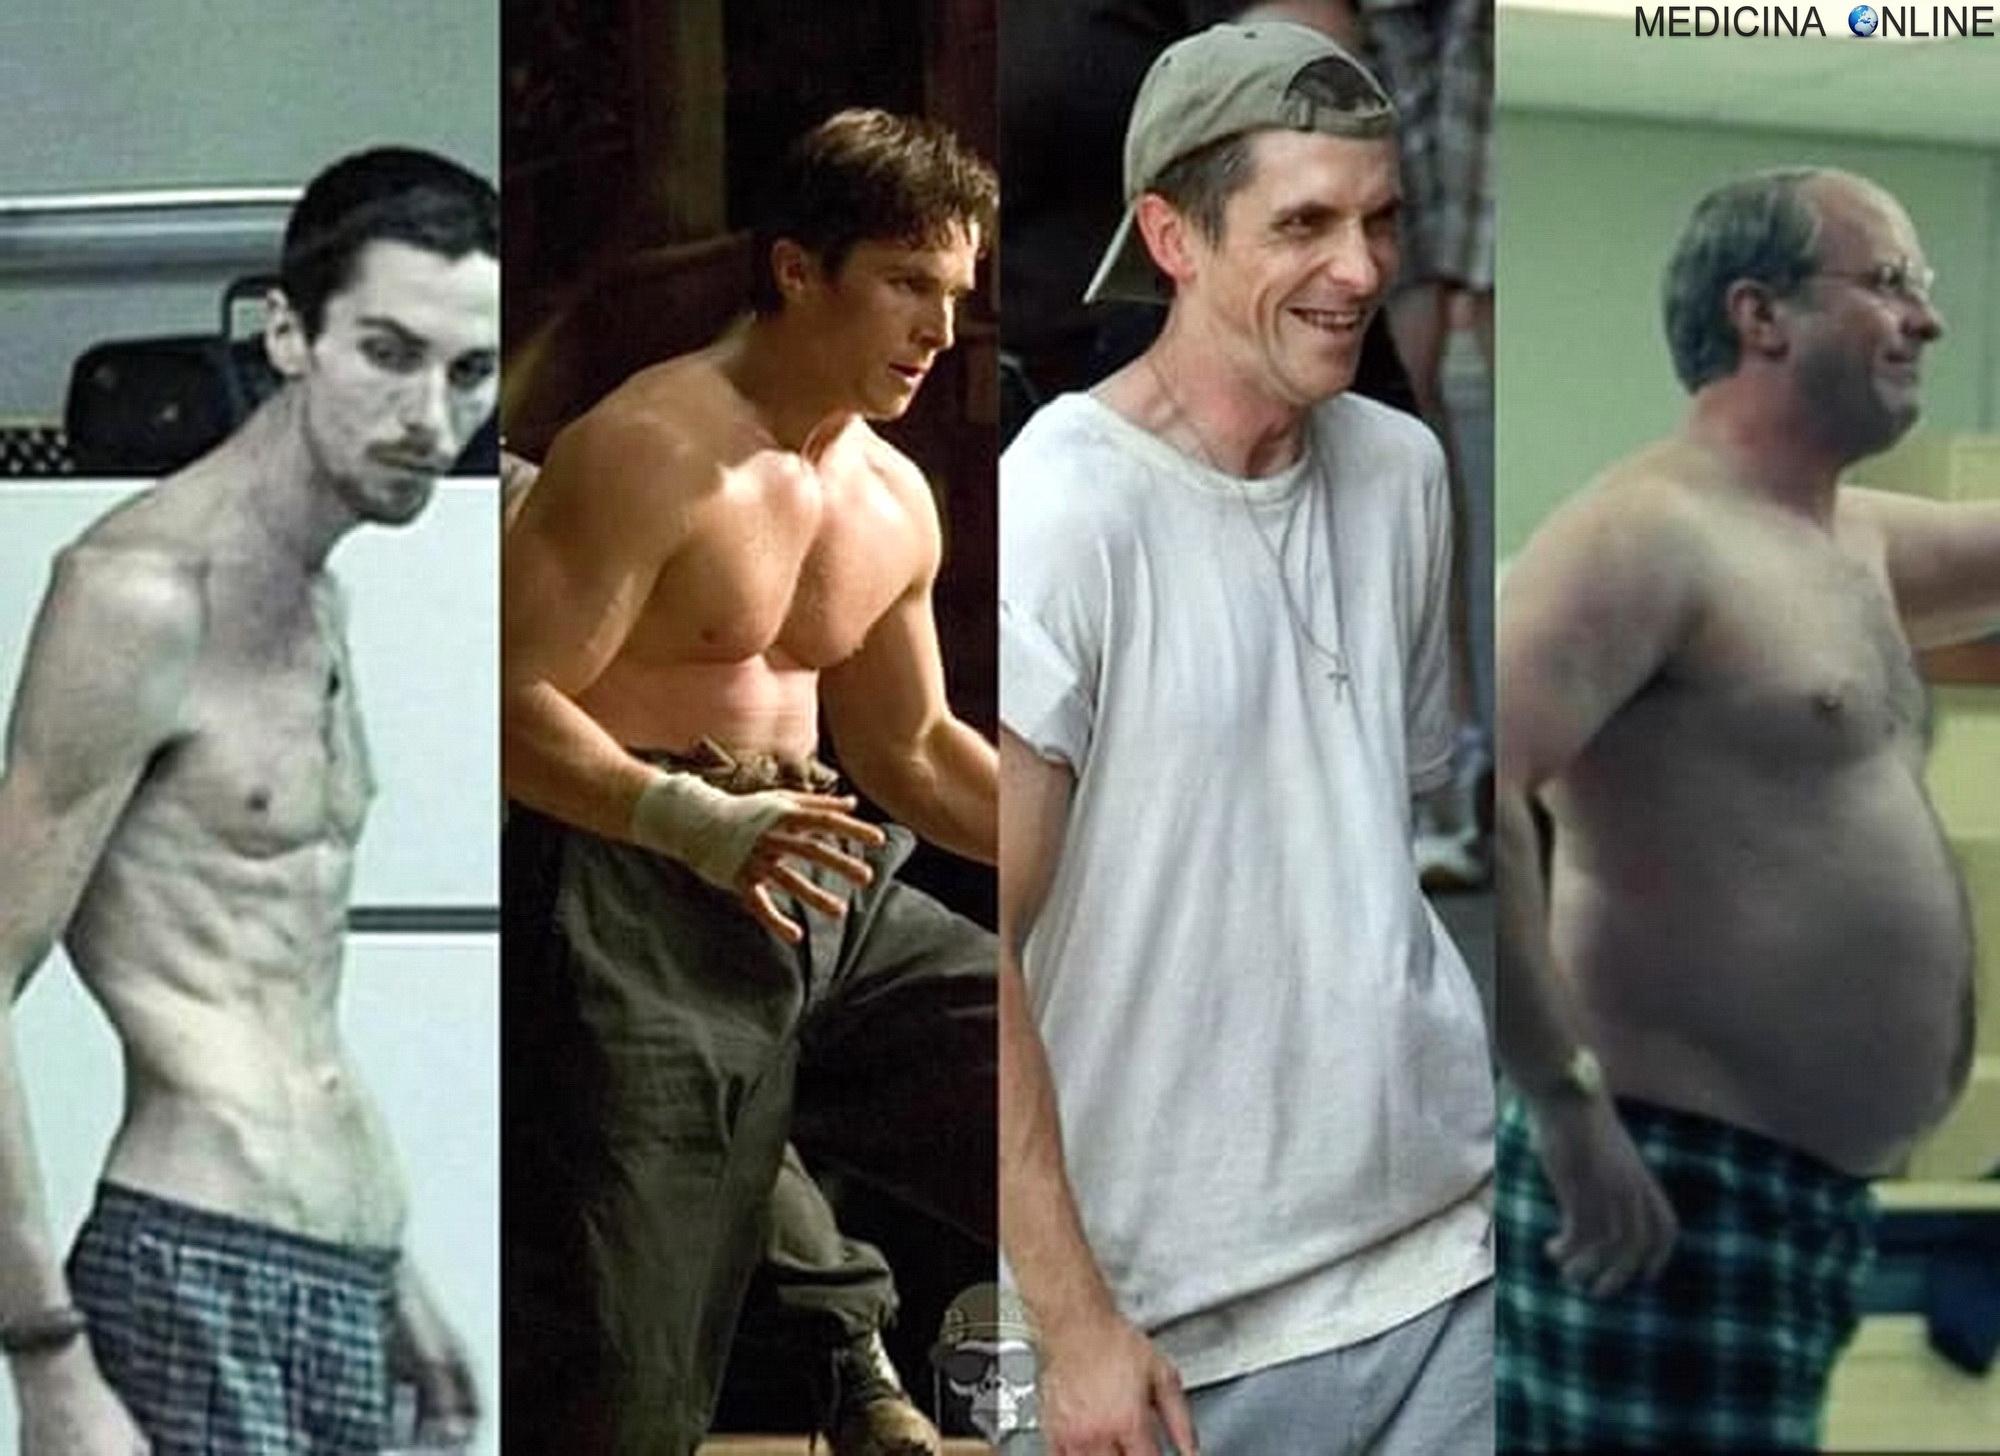 da trasformazione grassa a magro